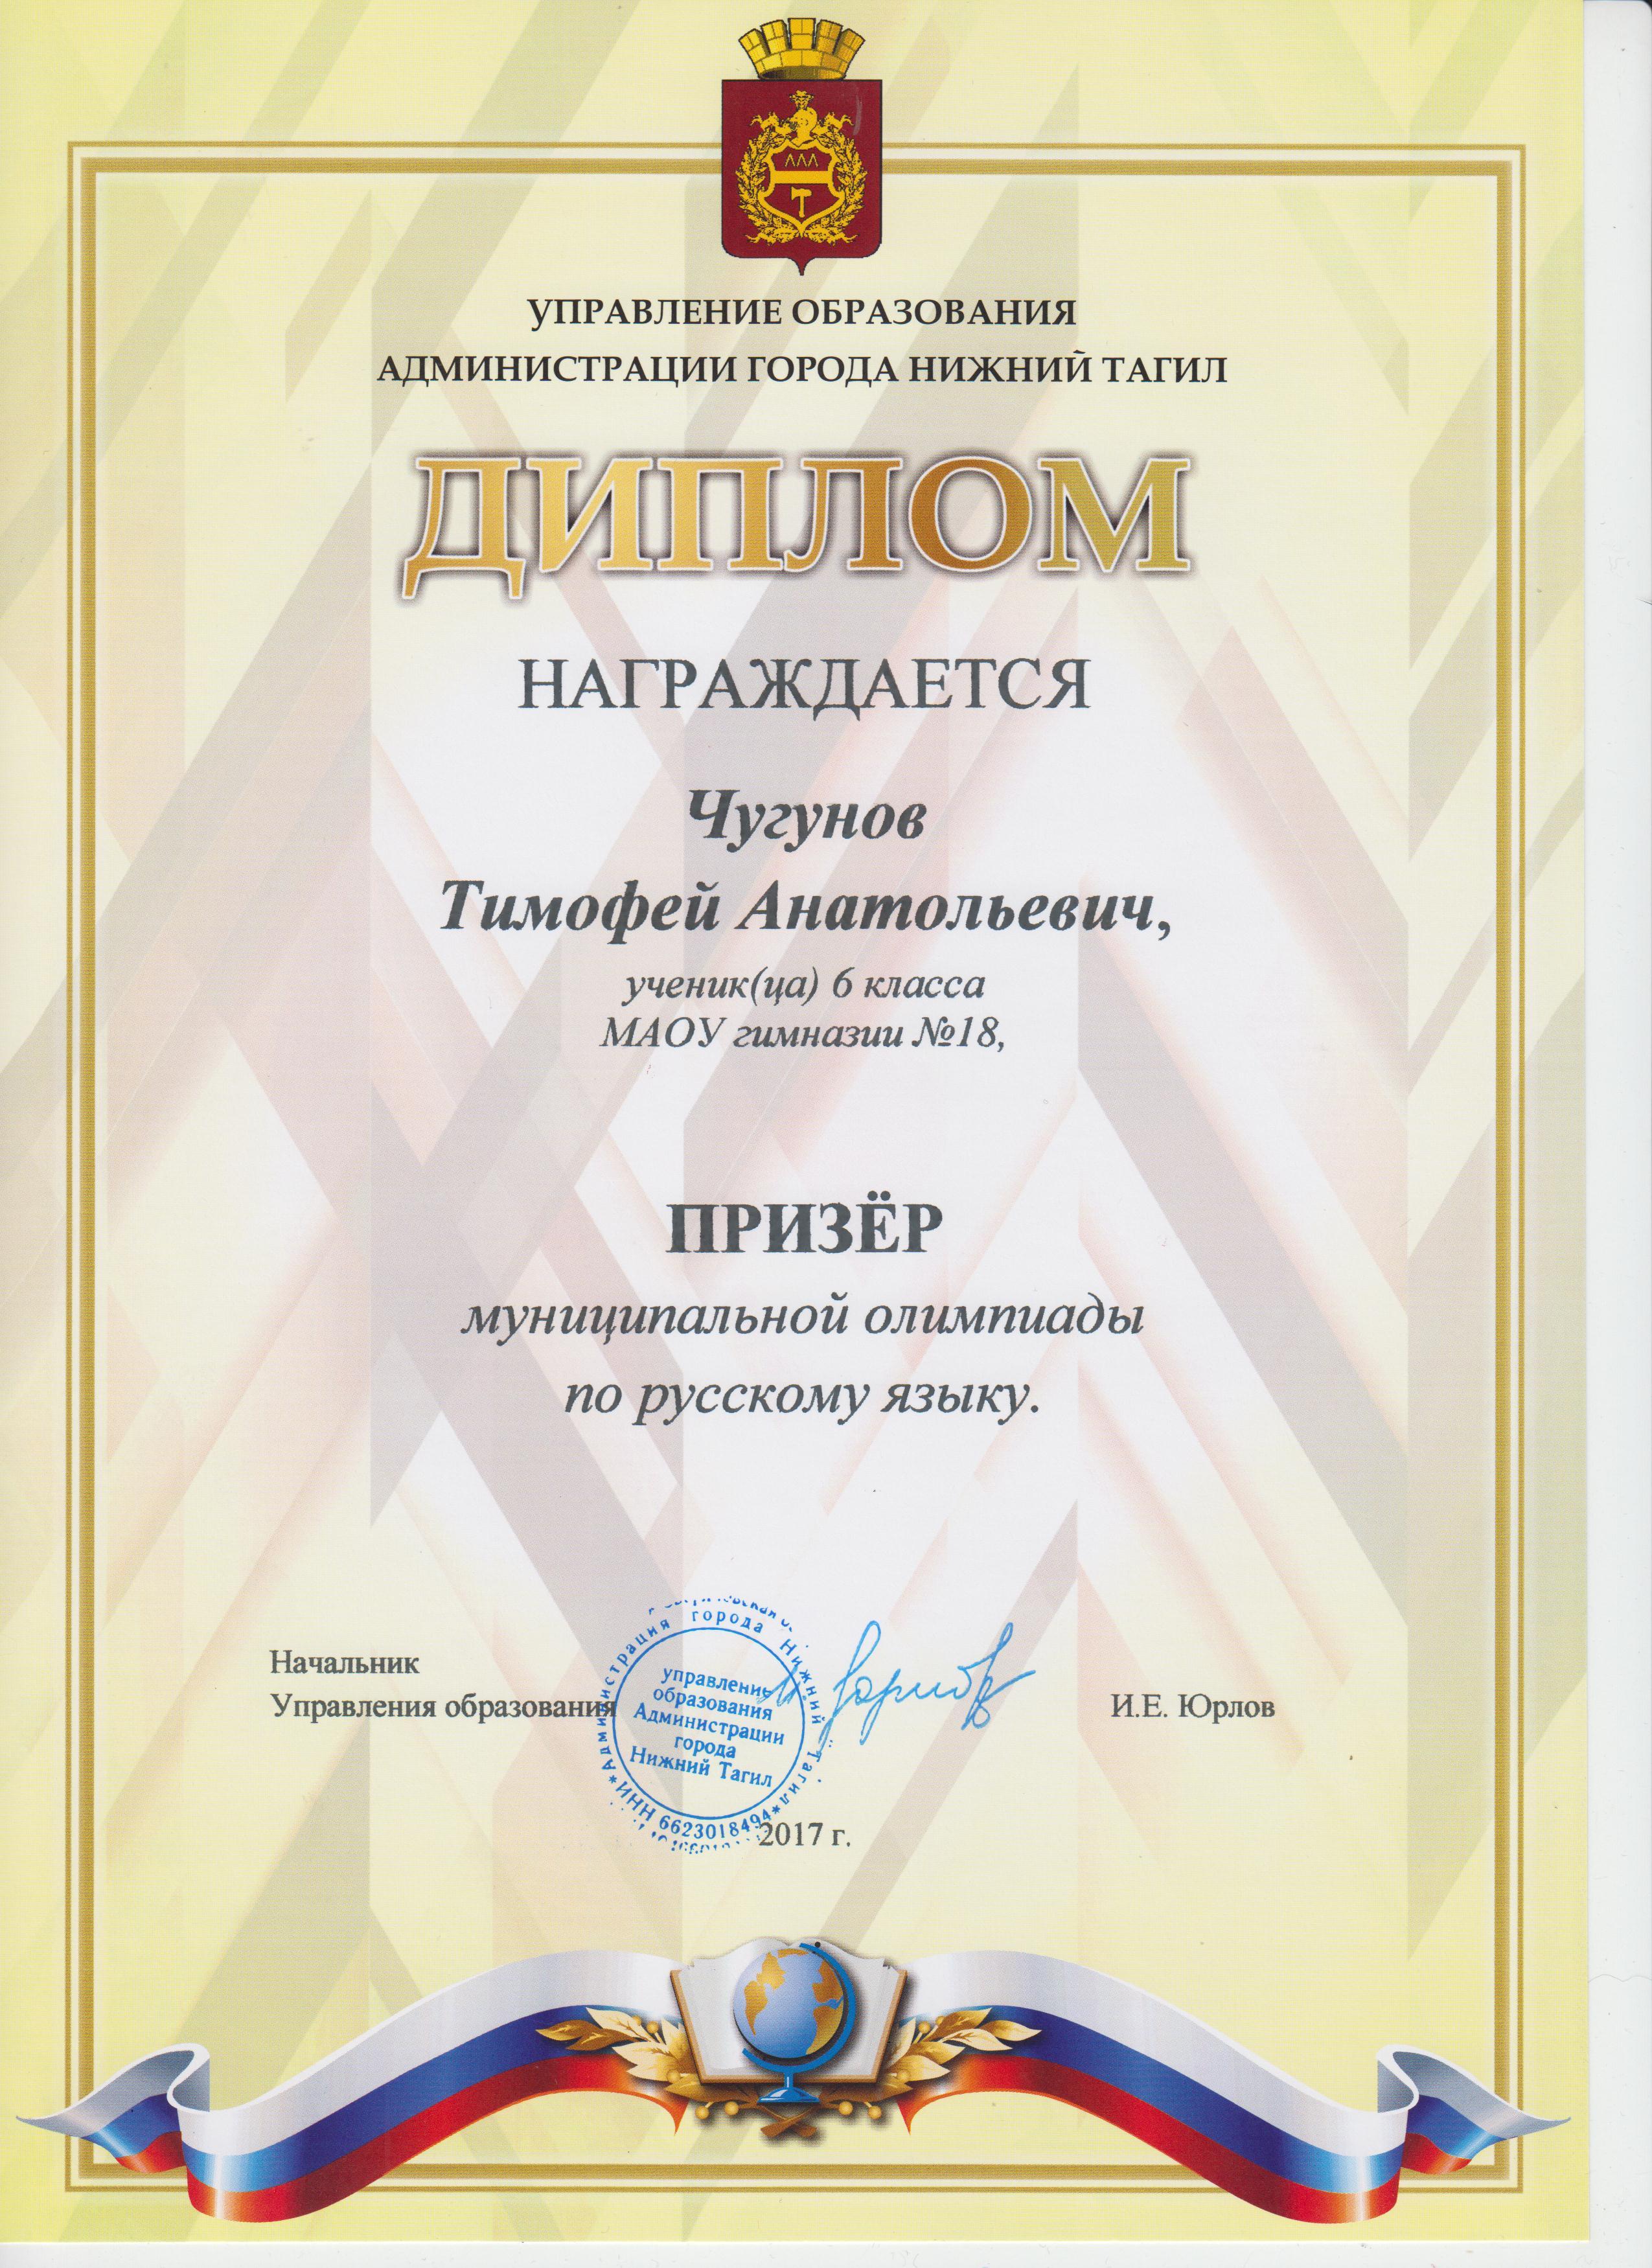 Олимпиада РЯ Чугунов 2017